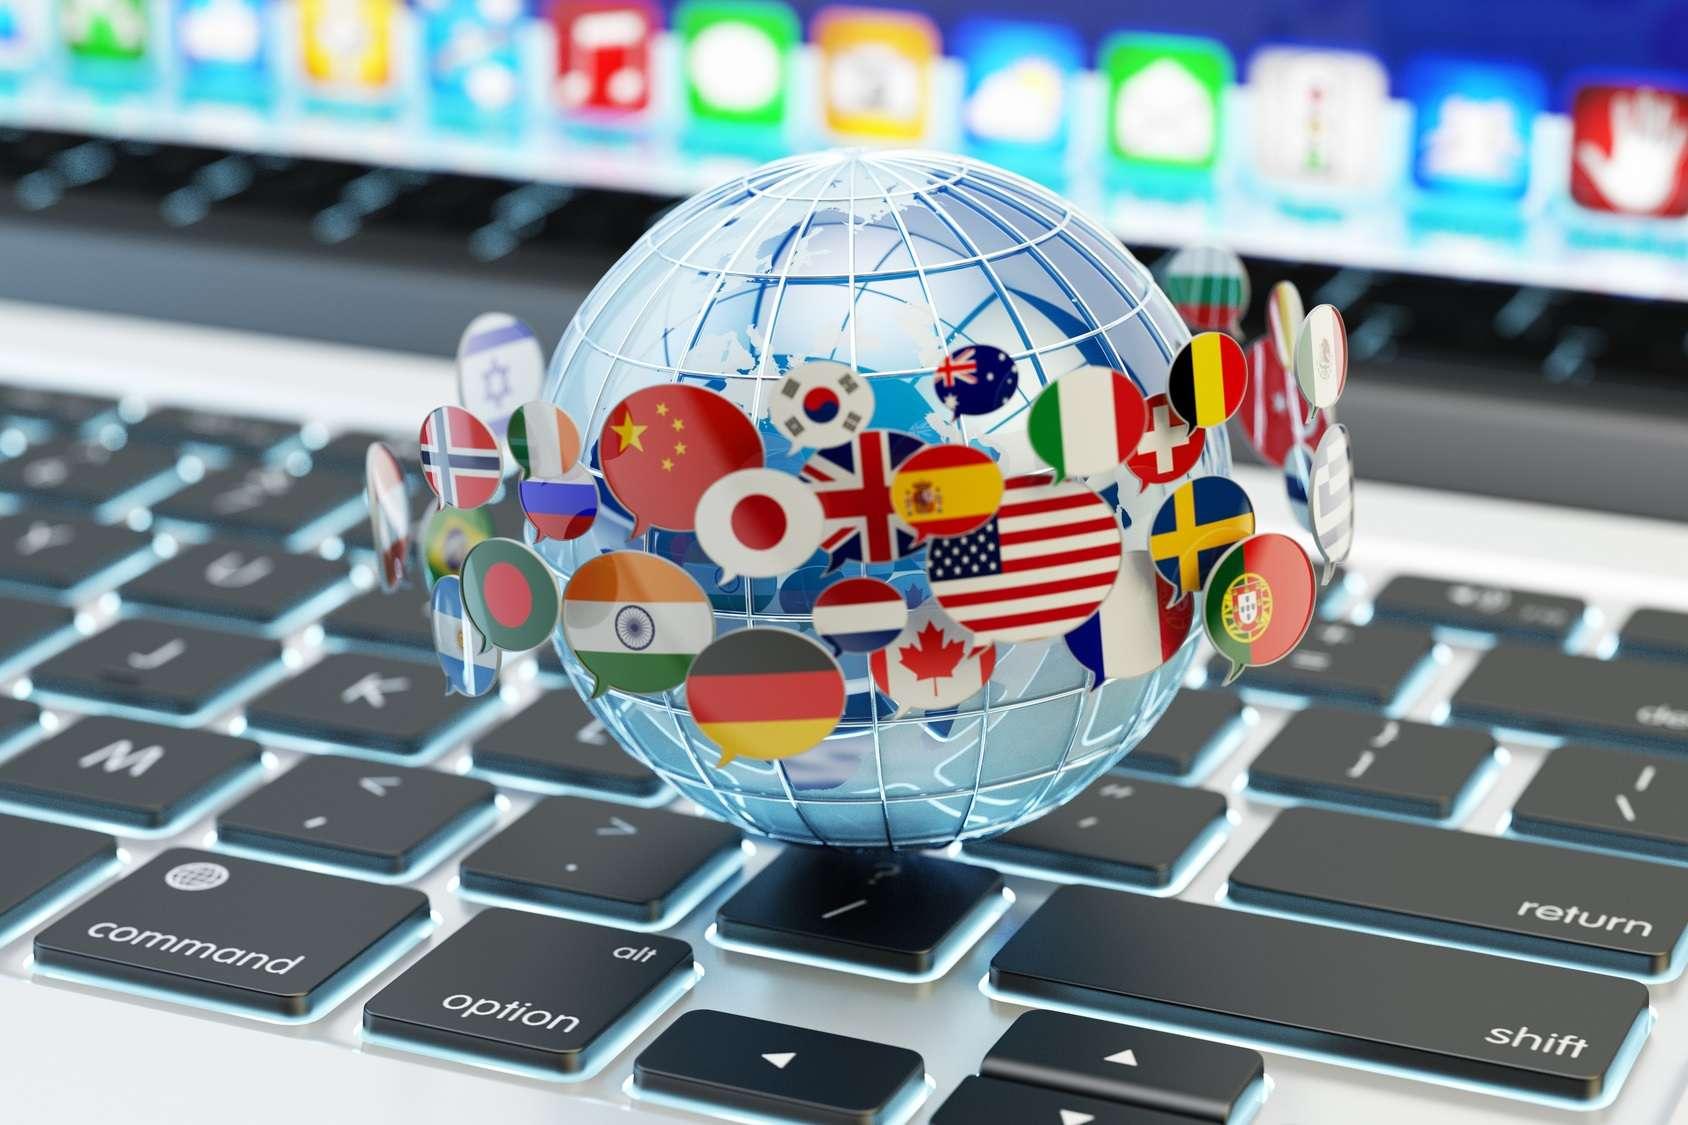 Makine Çevirisi Nedir? Stratejik Avantajları ve Dezavantajları Nelerdir?